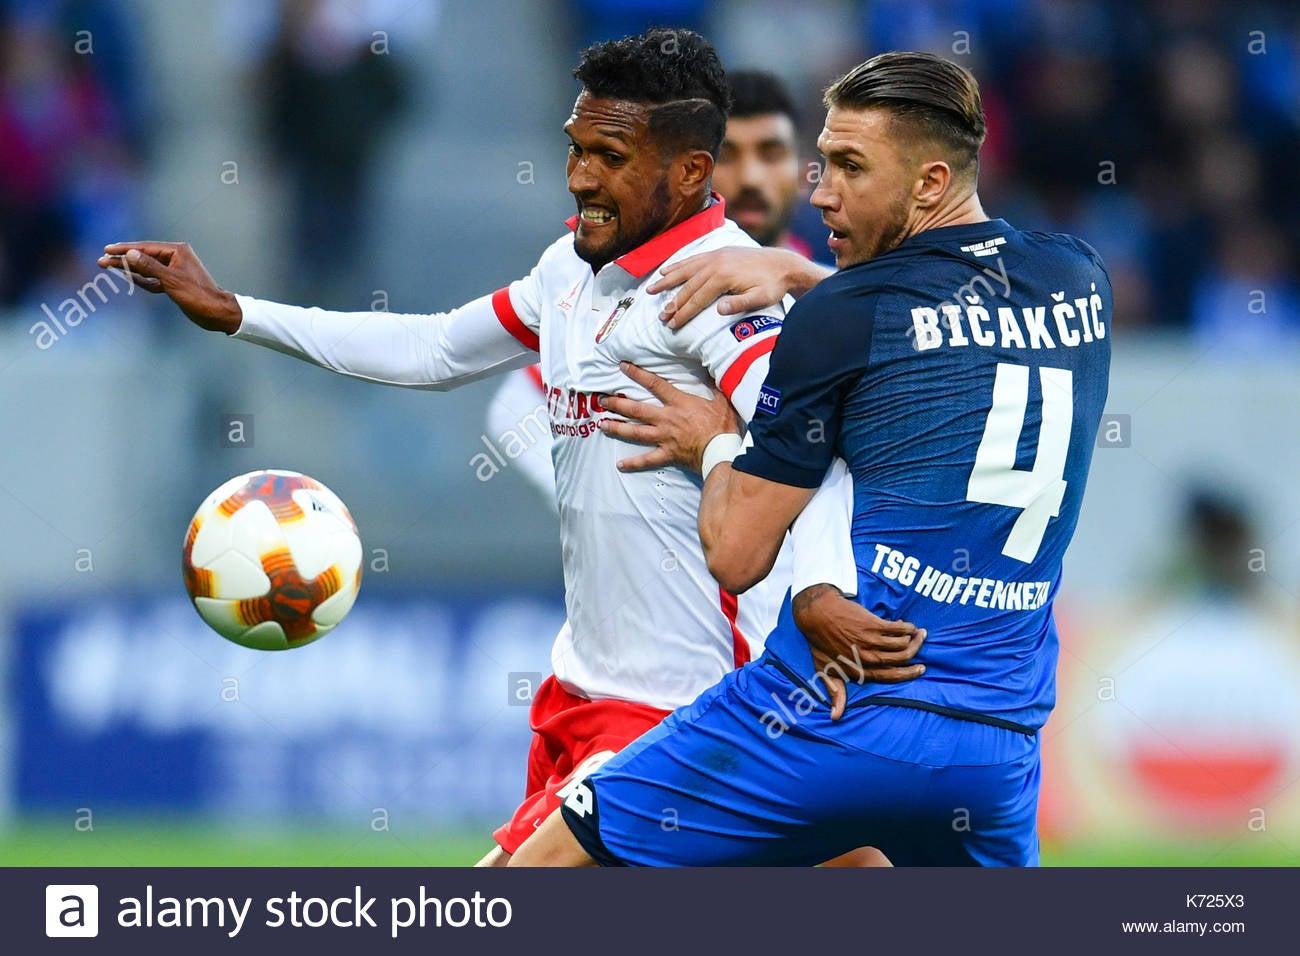 Salzburgo vence Vitória e garante primeiro lugar